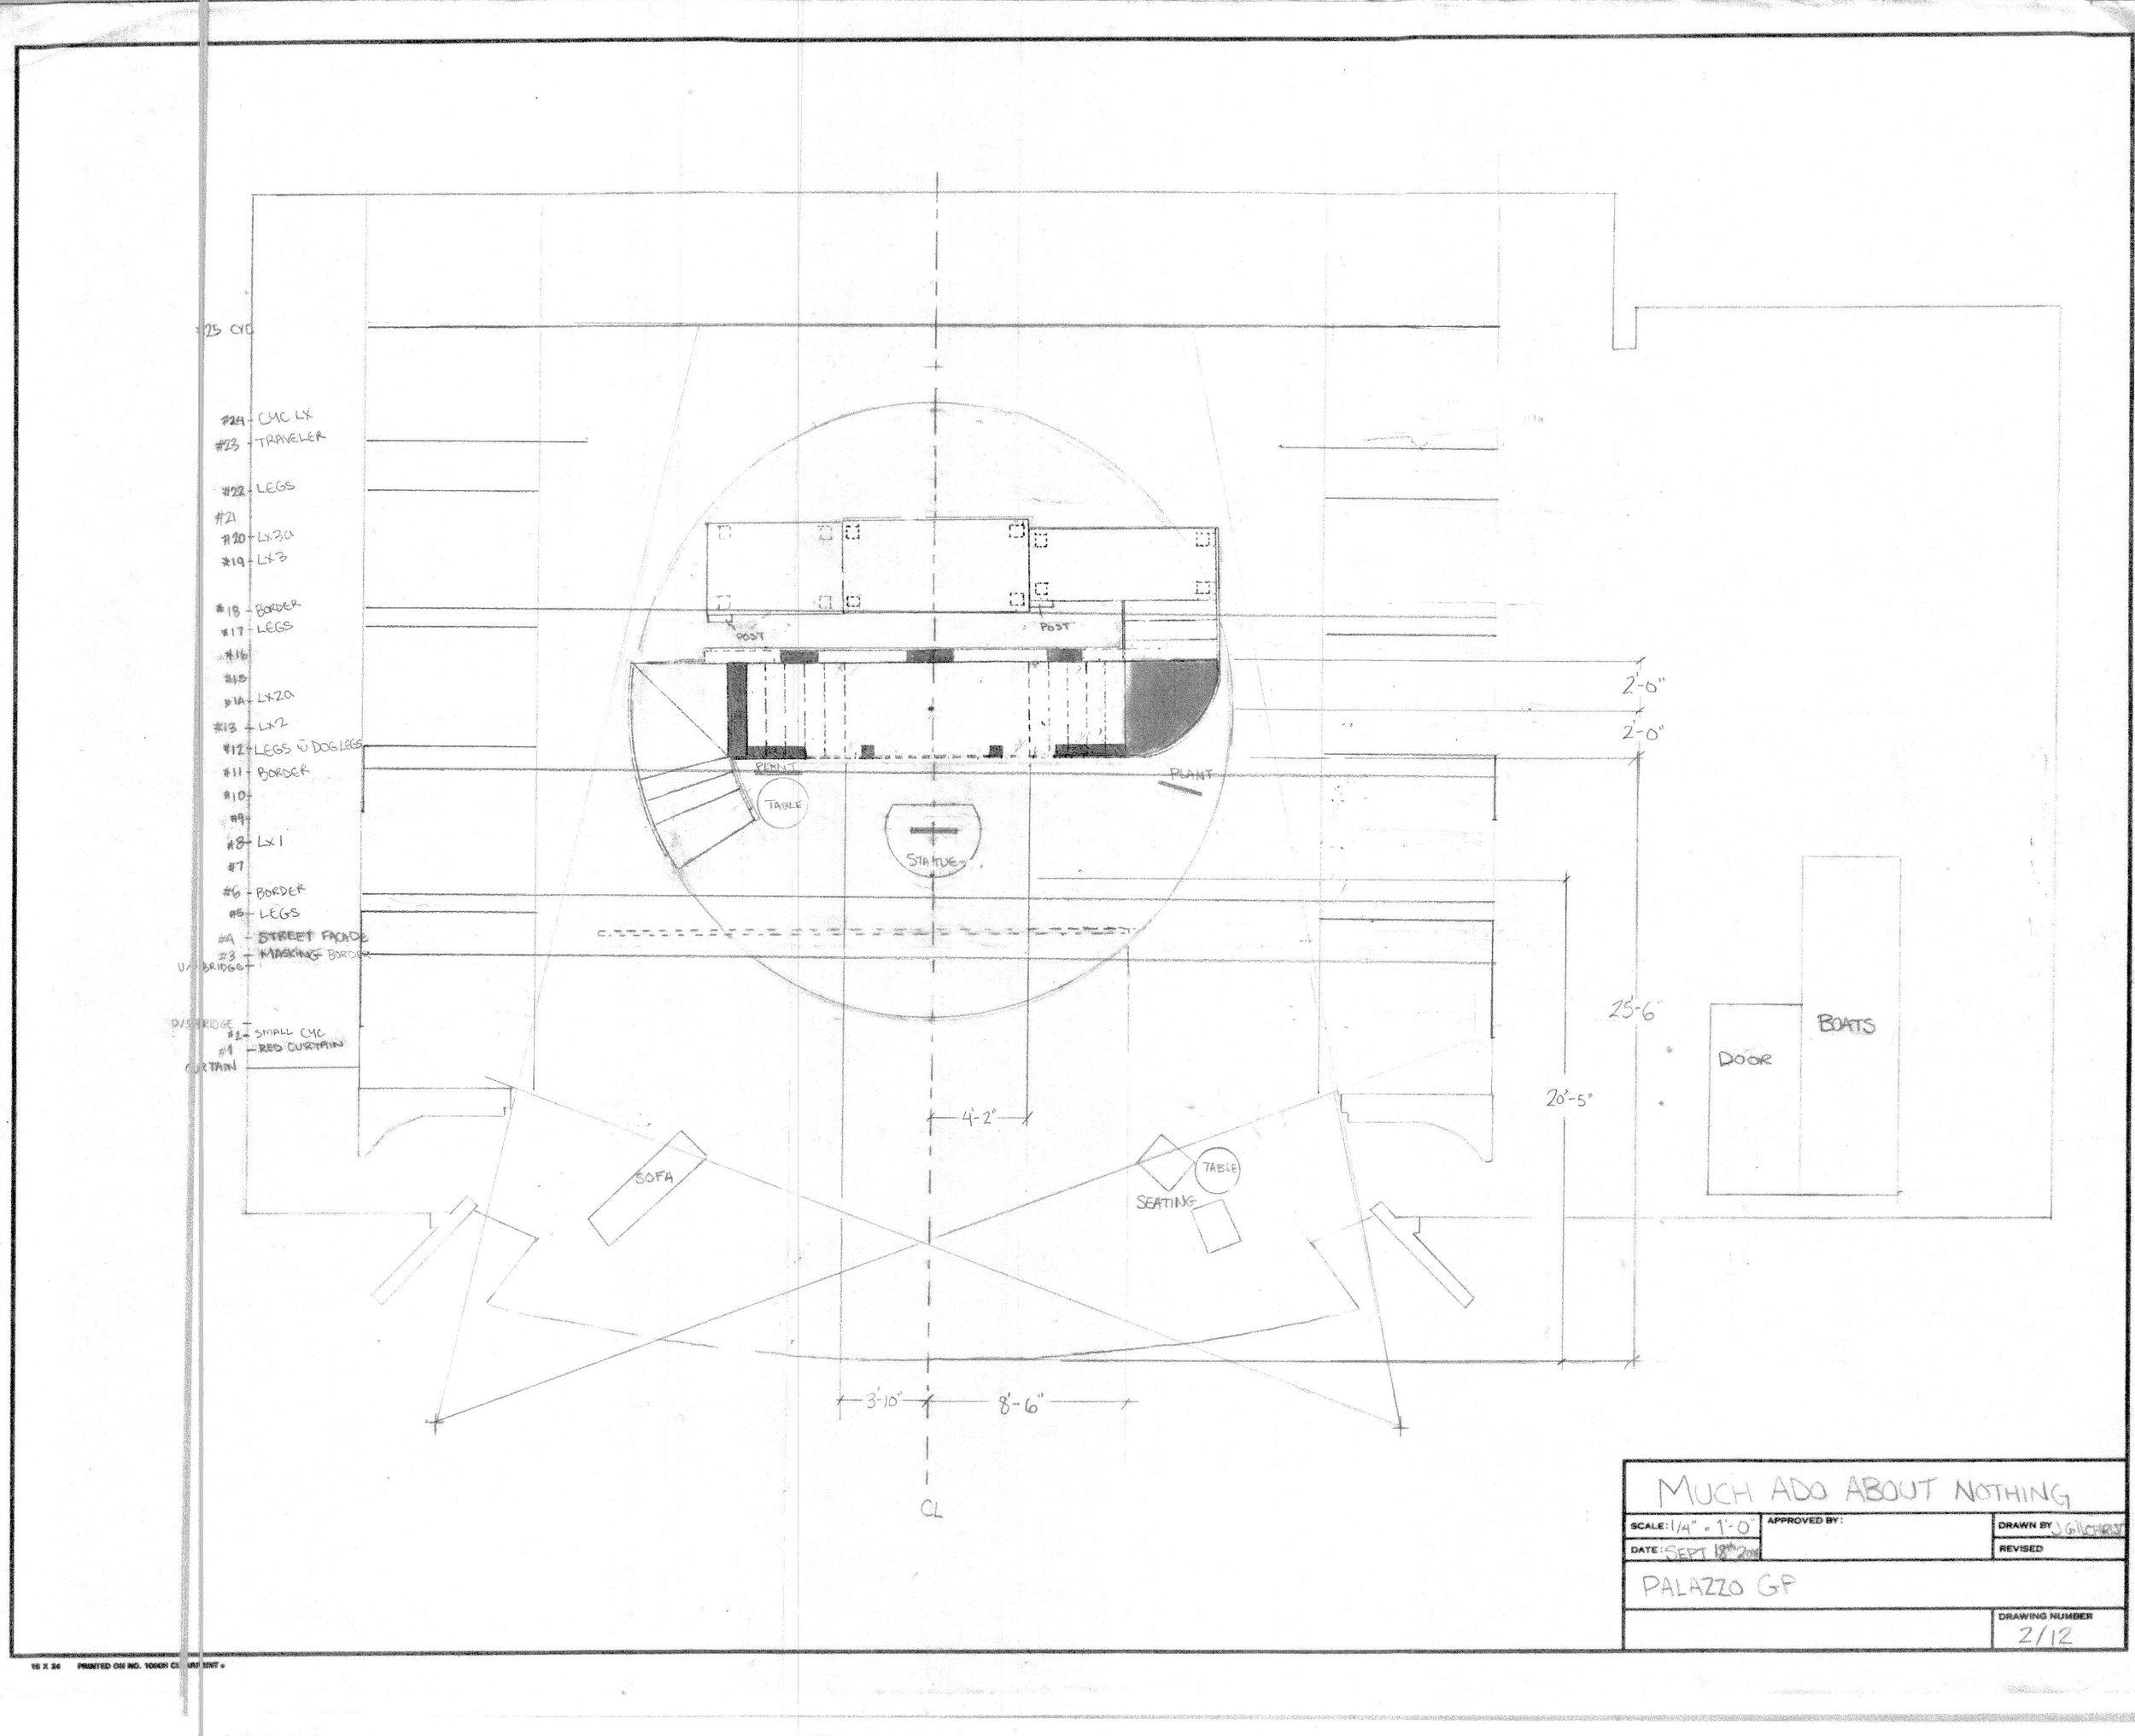 02 Palazzo Ground Plan M-page-001.jpg